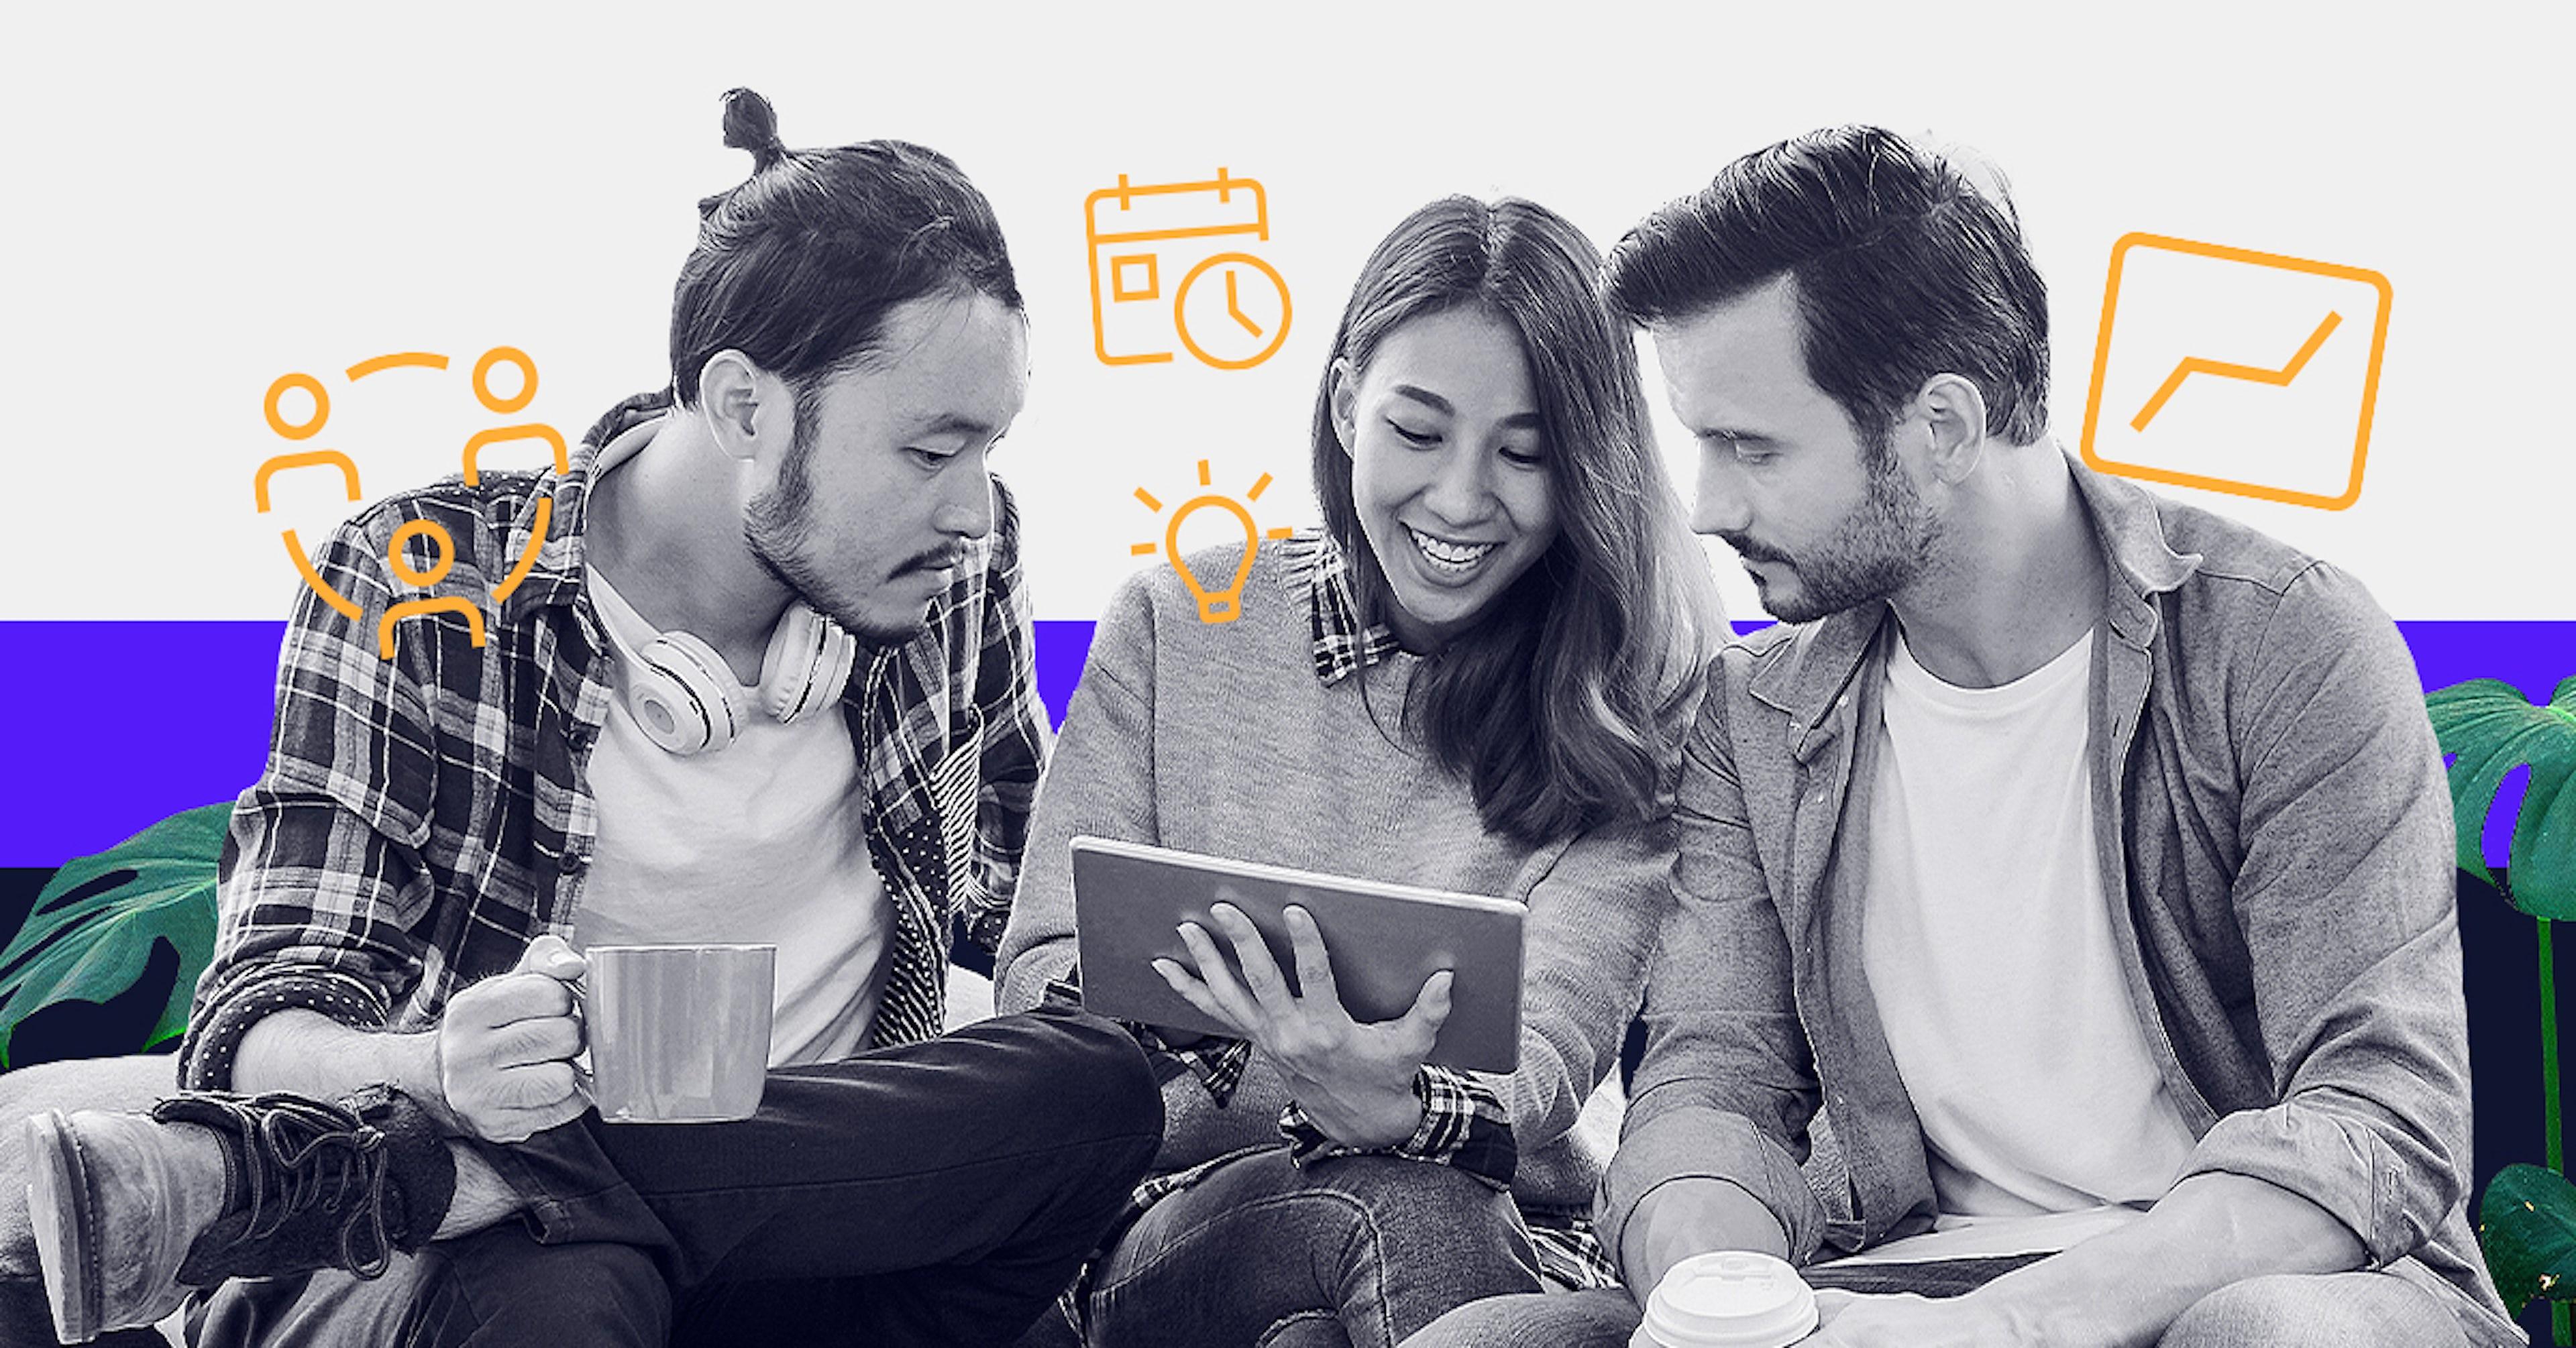 Desafíos en marketing, aplica este training de marketing digital a tu equipo